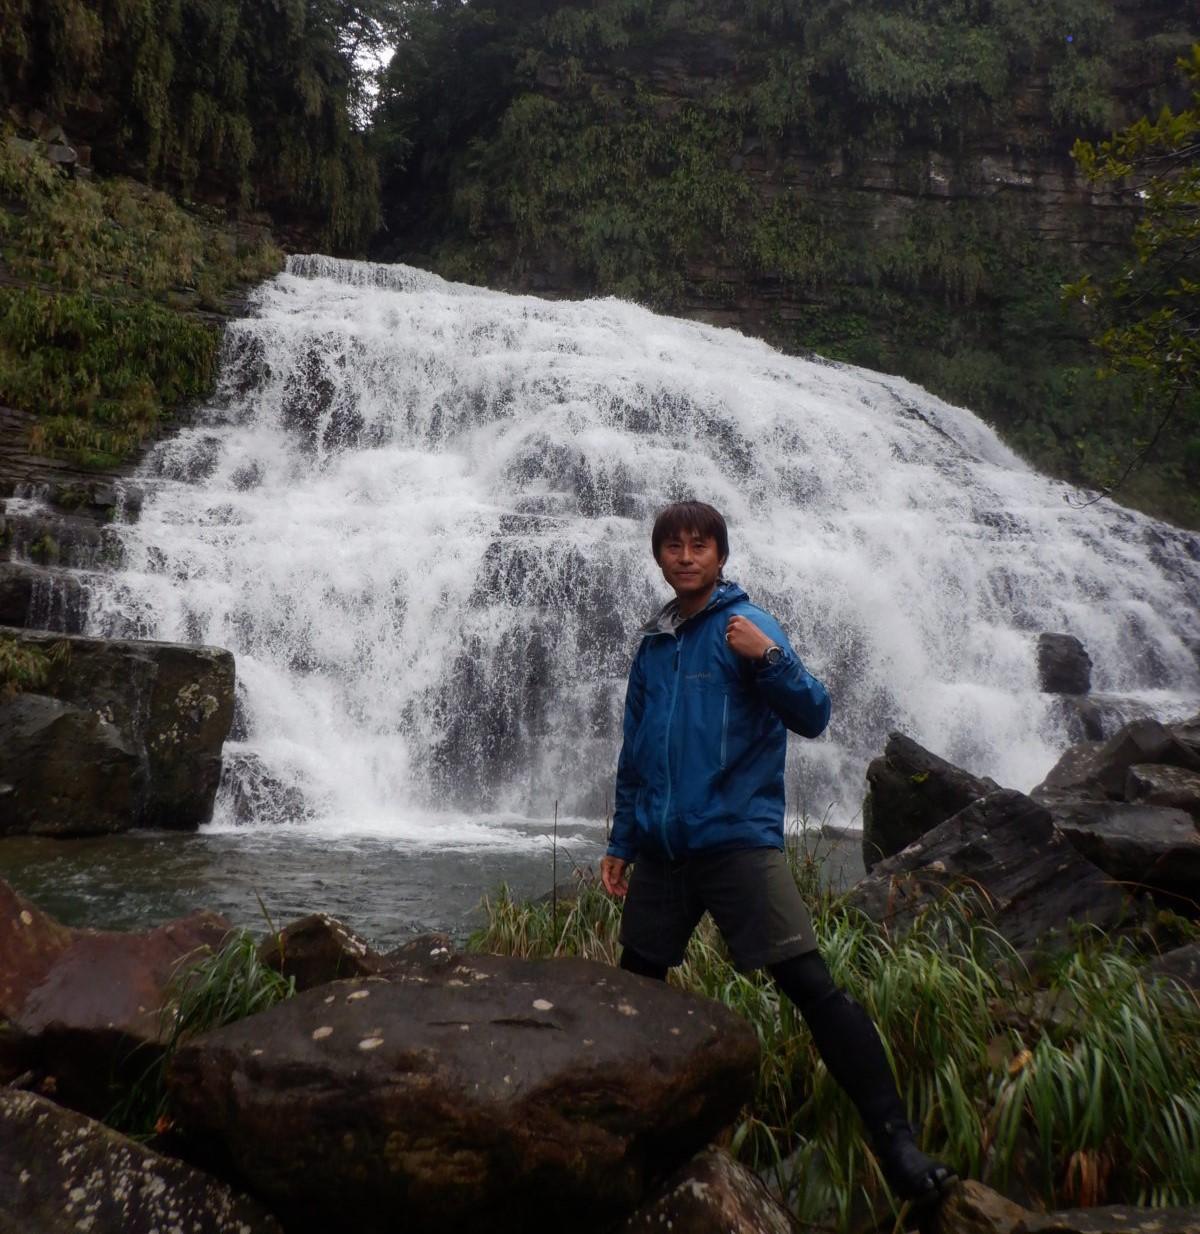 令和二年 元旦 西表島横断トレッキングツアー